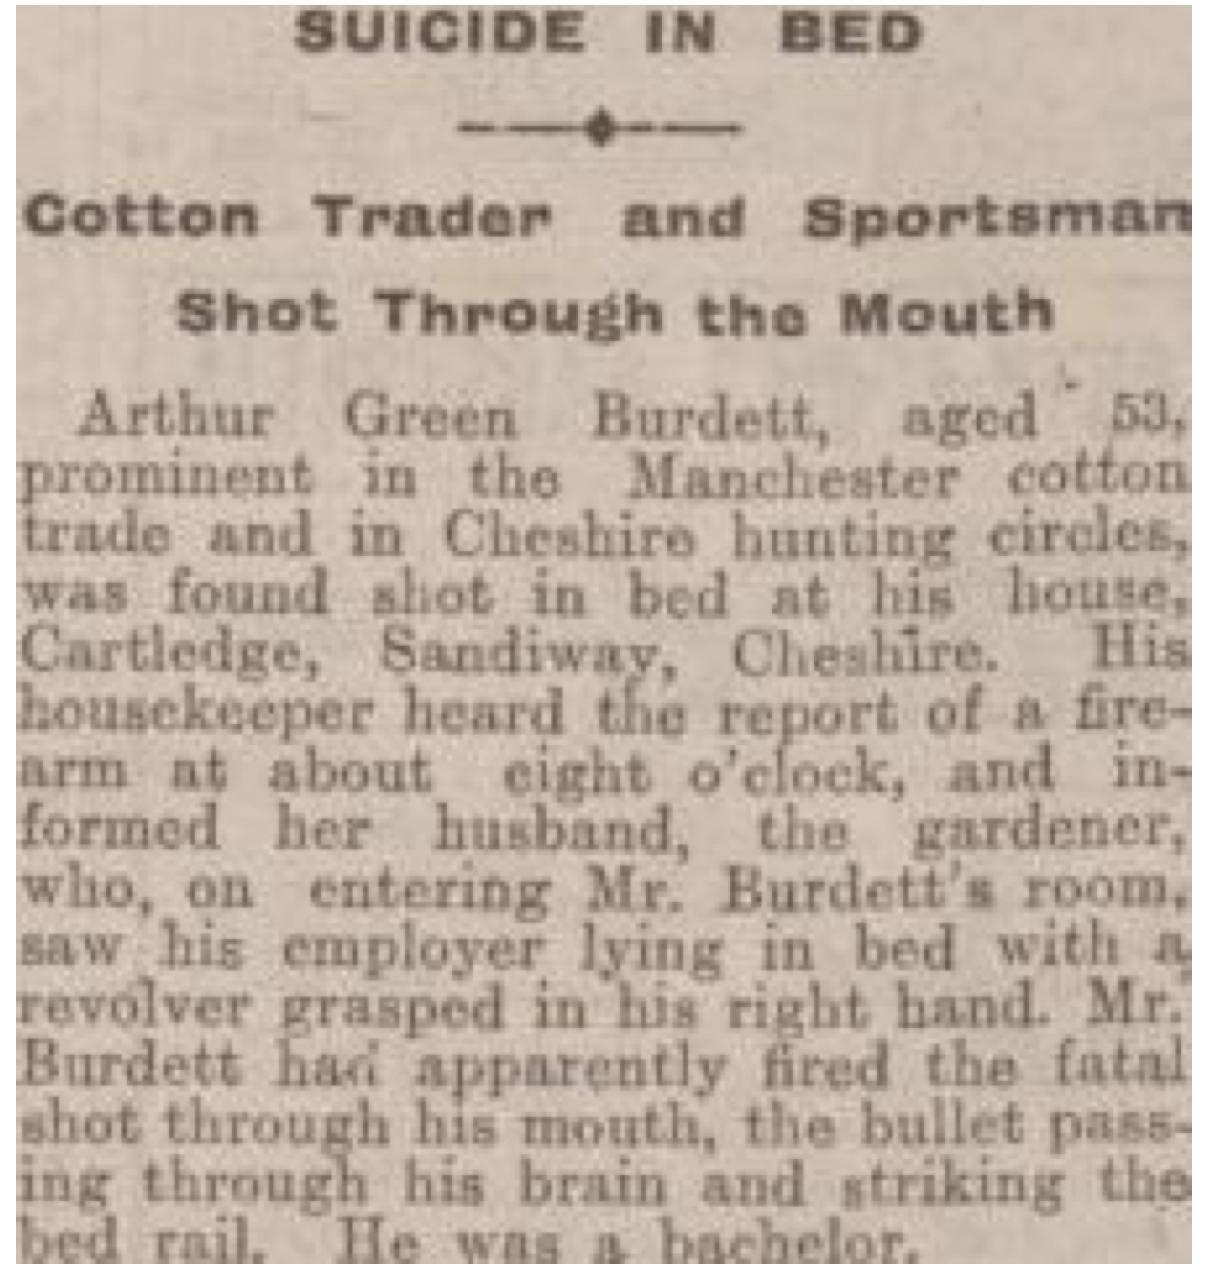 Arthur Green Burdett Suicide 1926